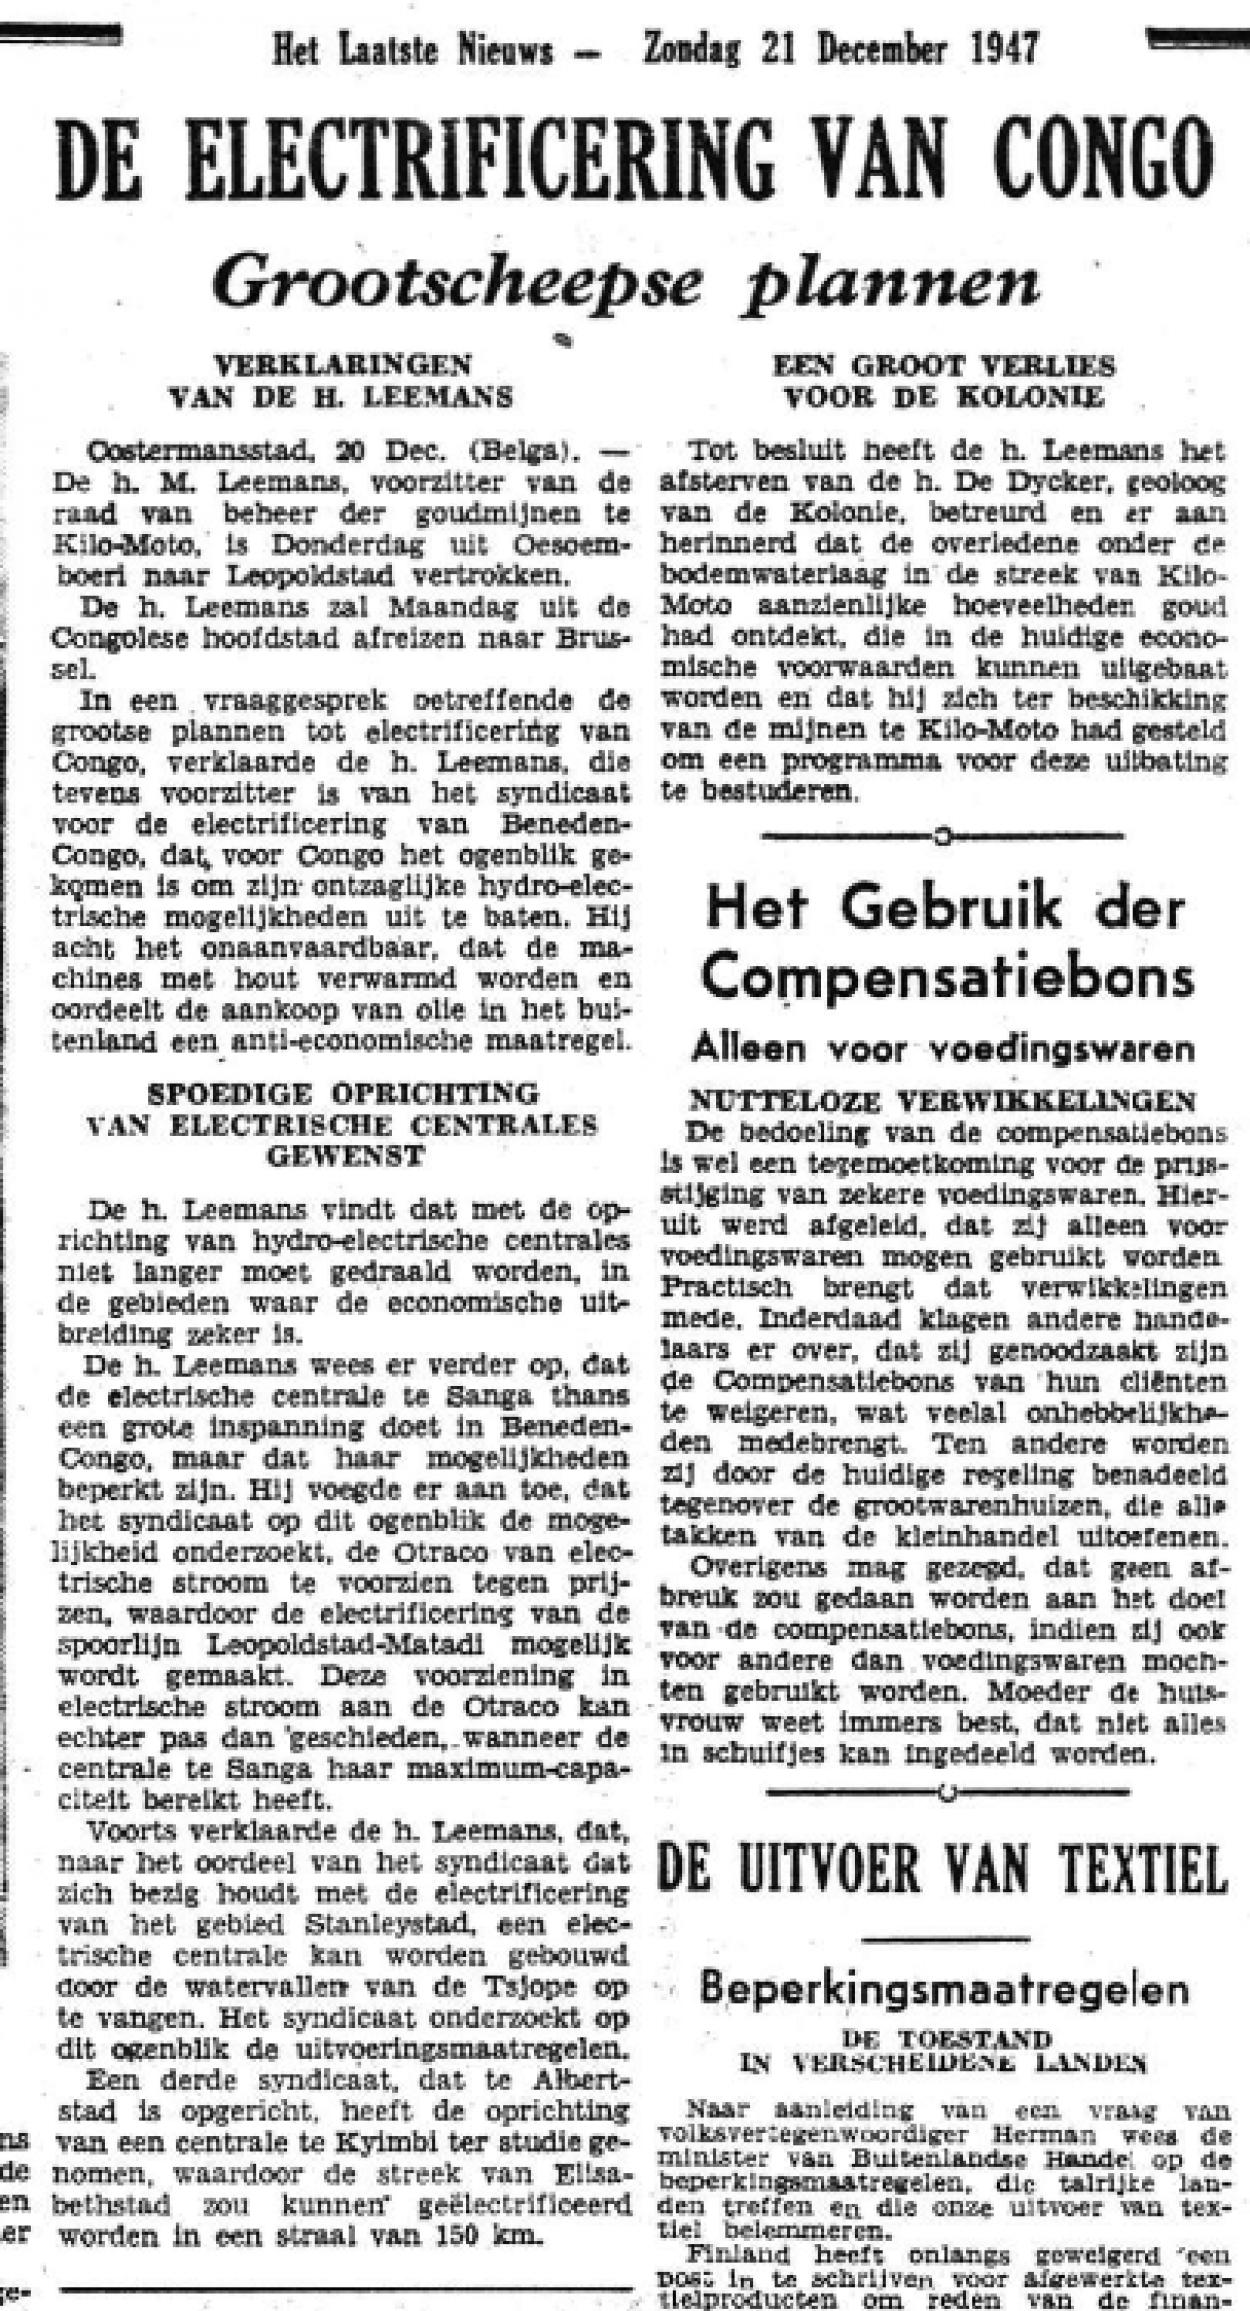 het-laatste-nieuws-21-12-1947-p-4.png